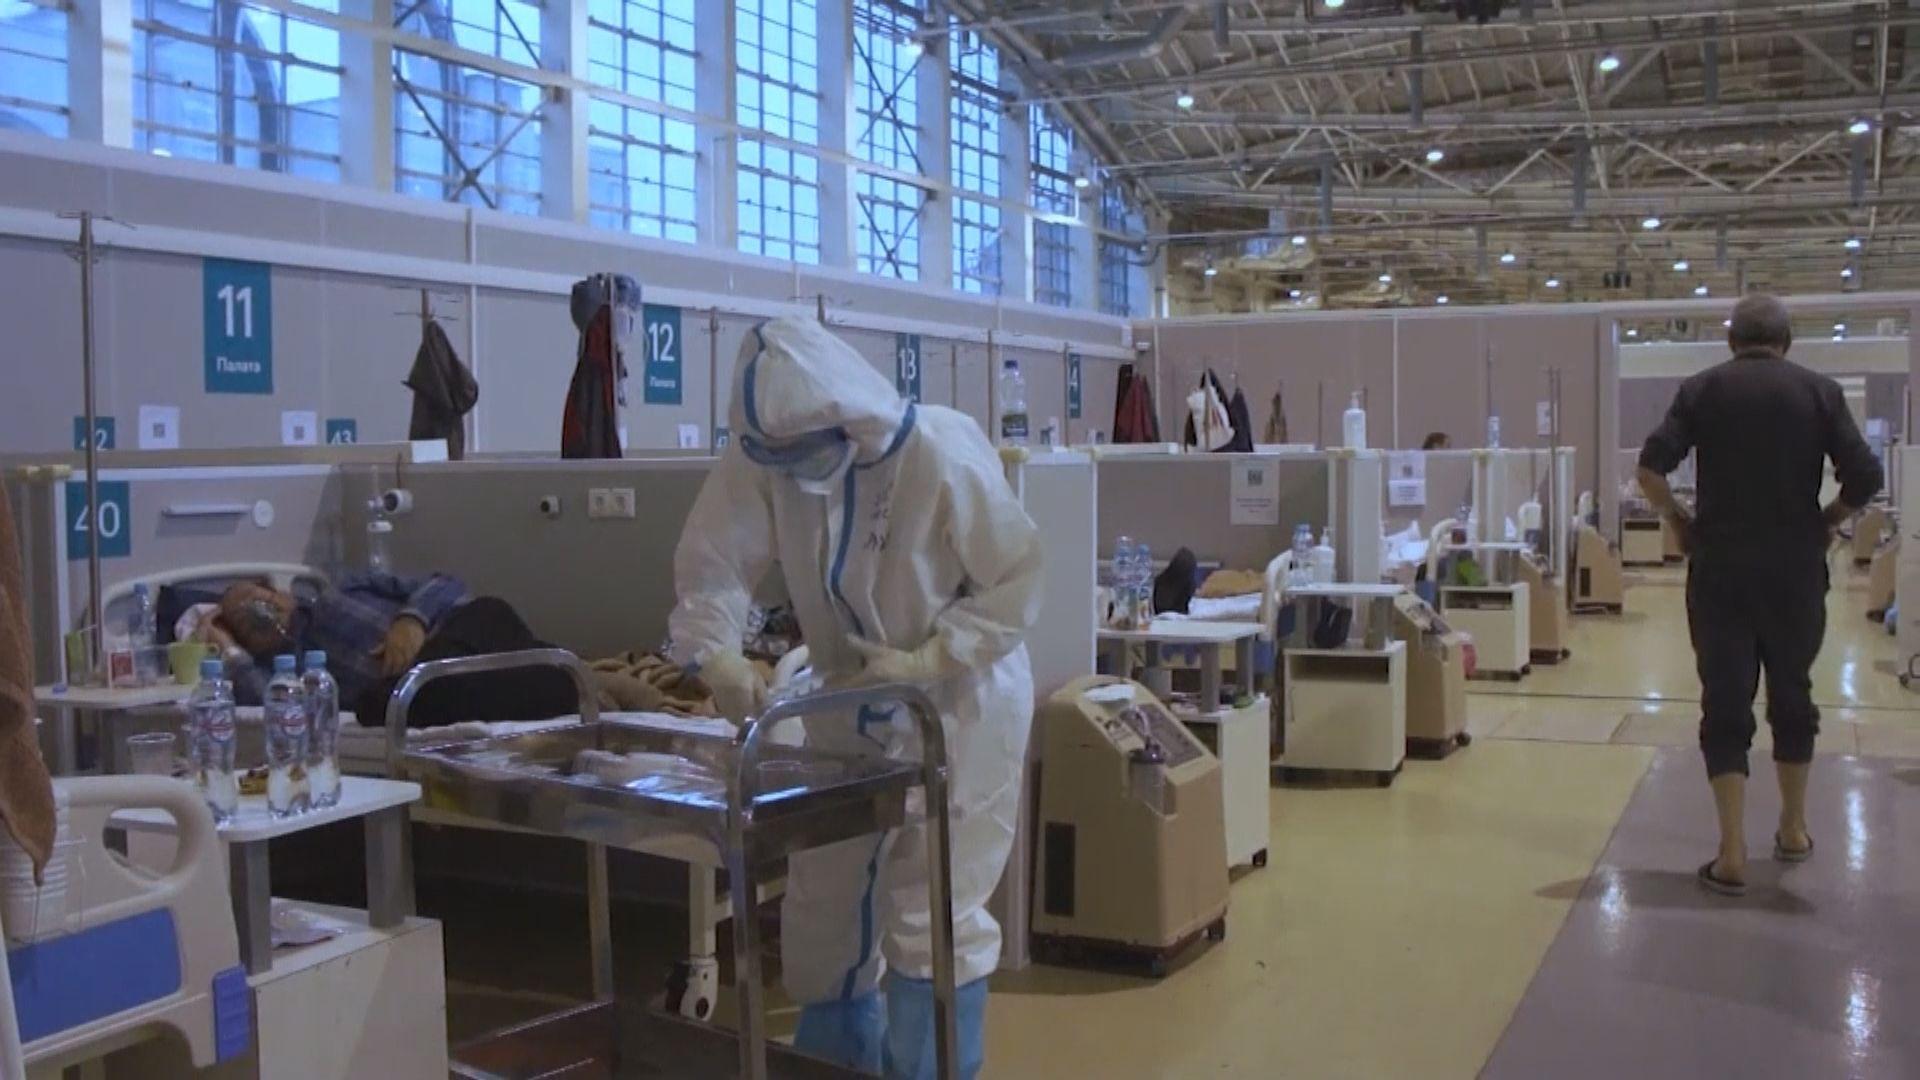 俄羅斯新冠疫情惡化 莫斯科要求企業有薪休假一周